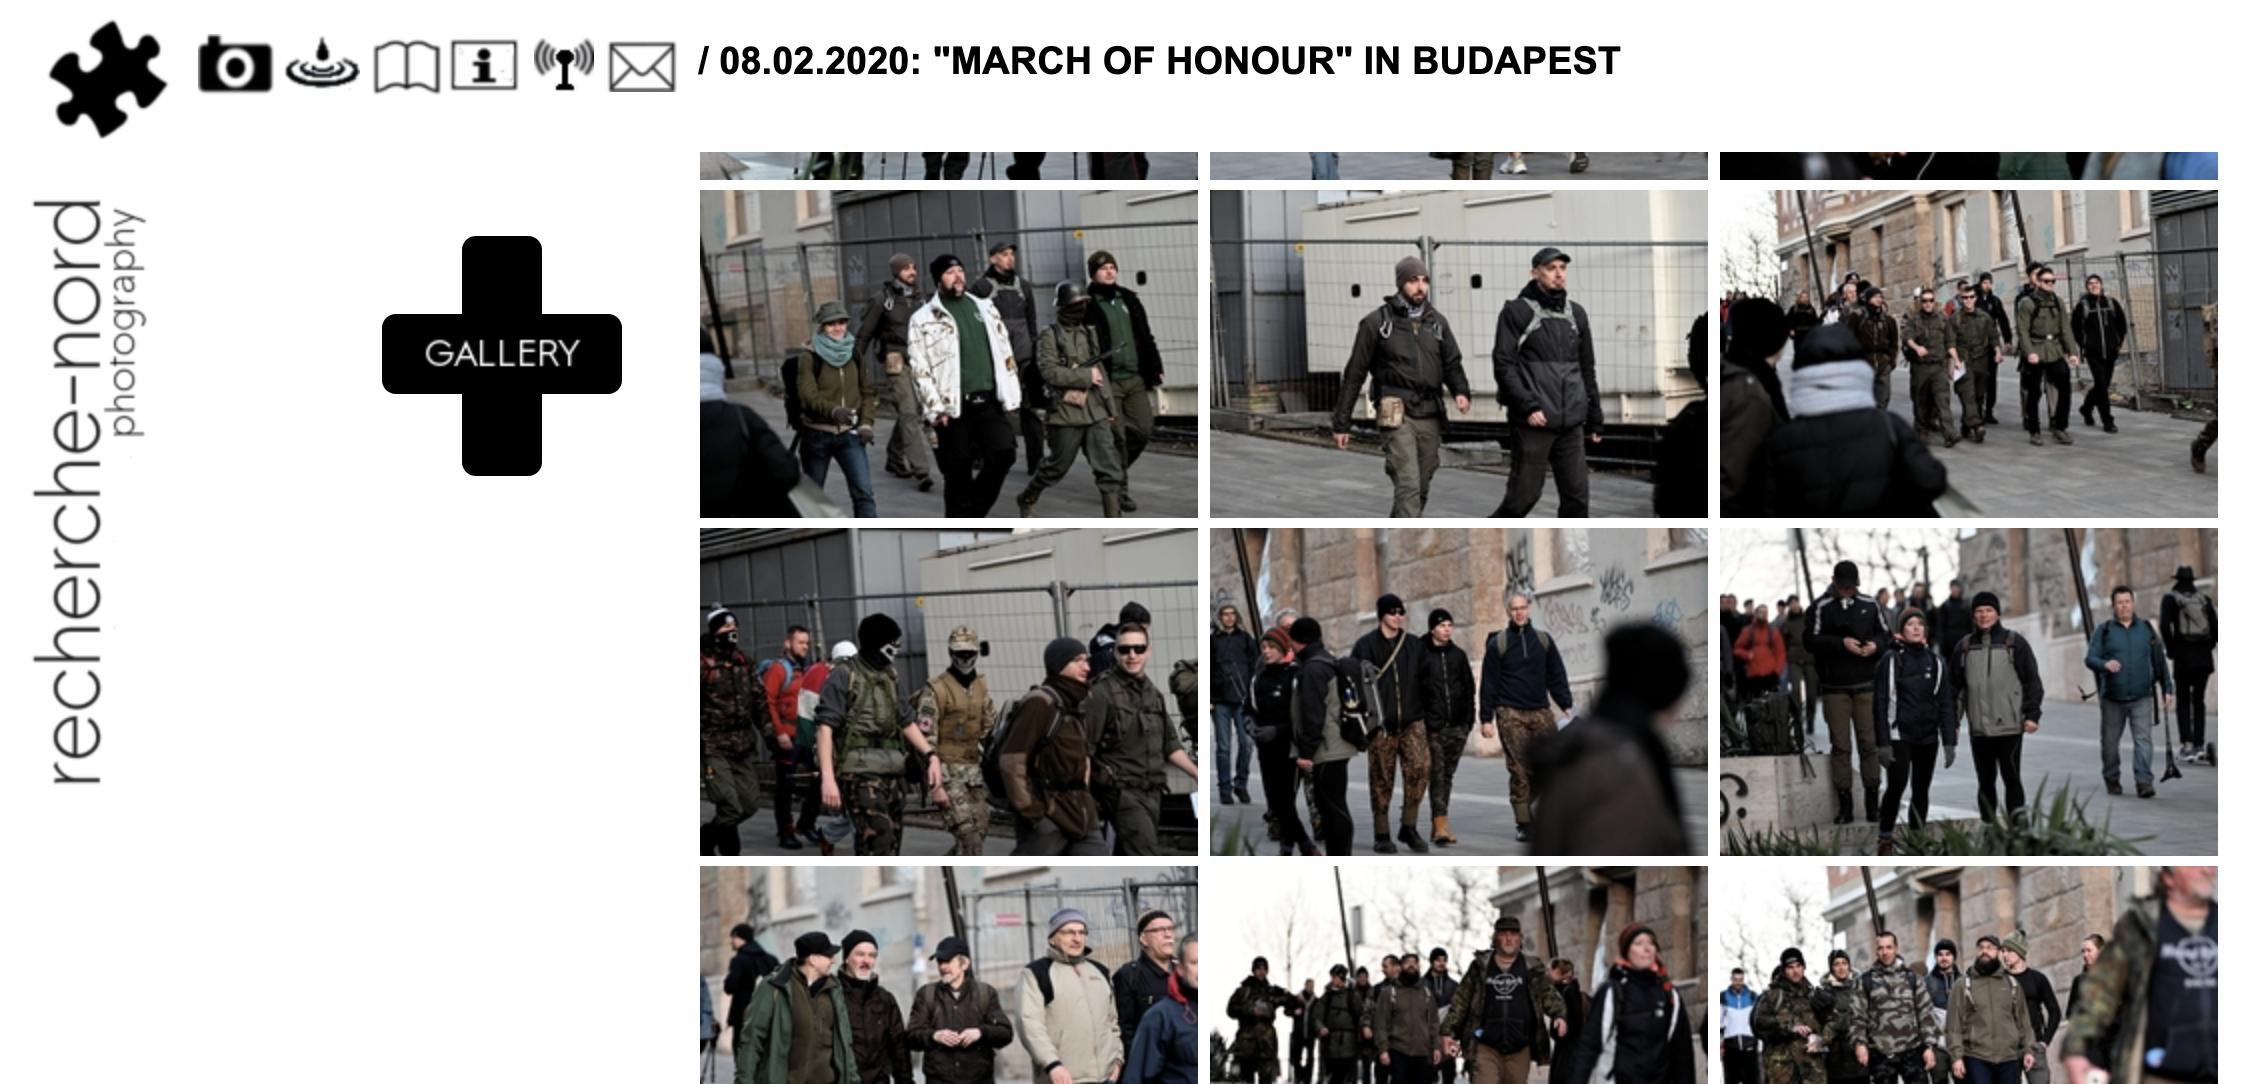 recherche-nord Fotogalerie Budapest 8./9.2020 belegt österreichische Beteiligung (Screenshot)